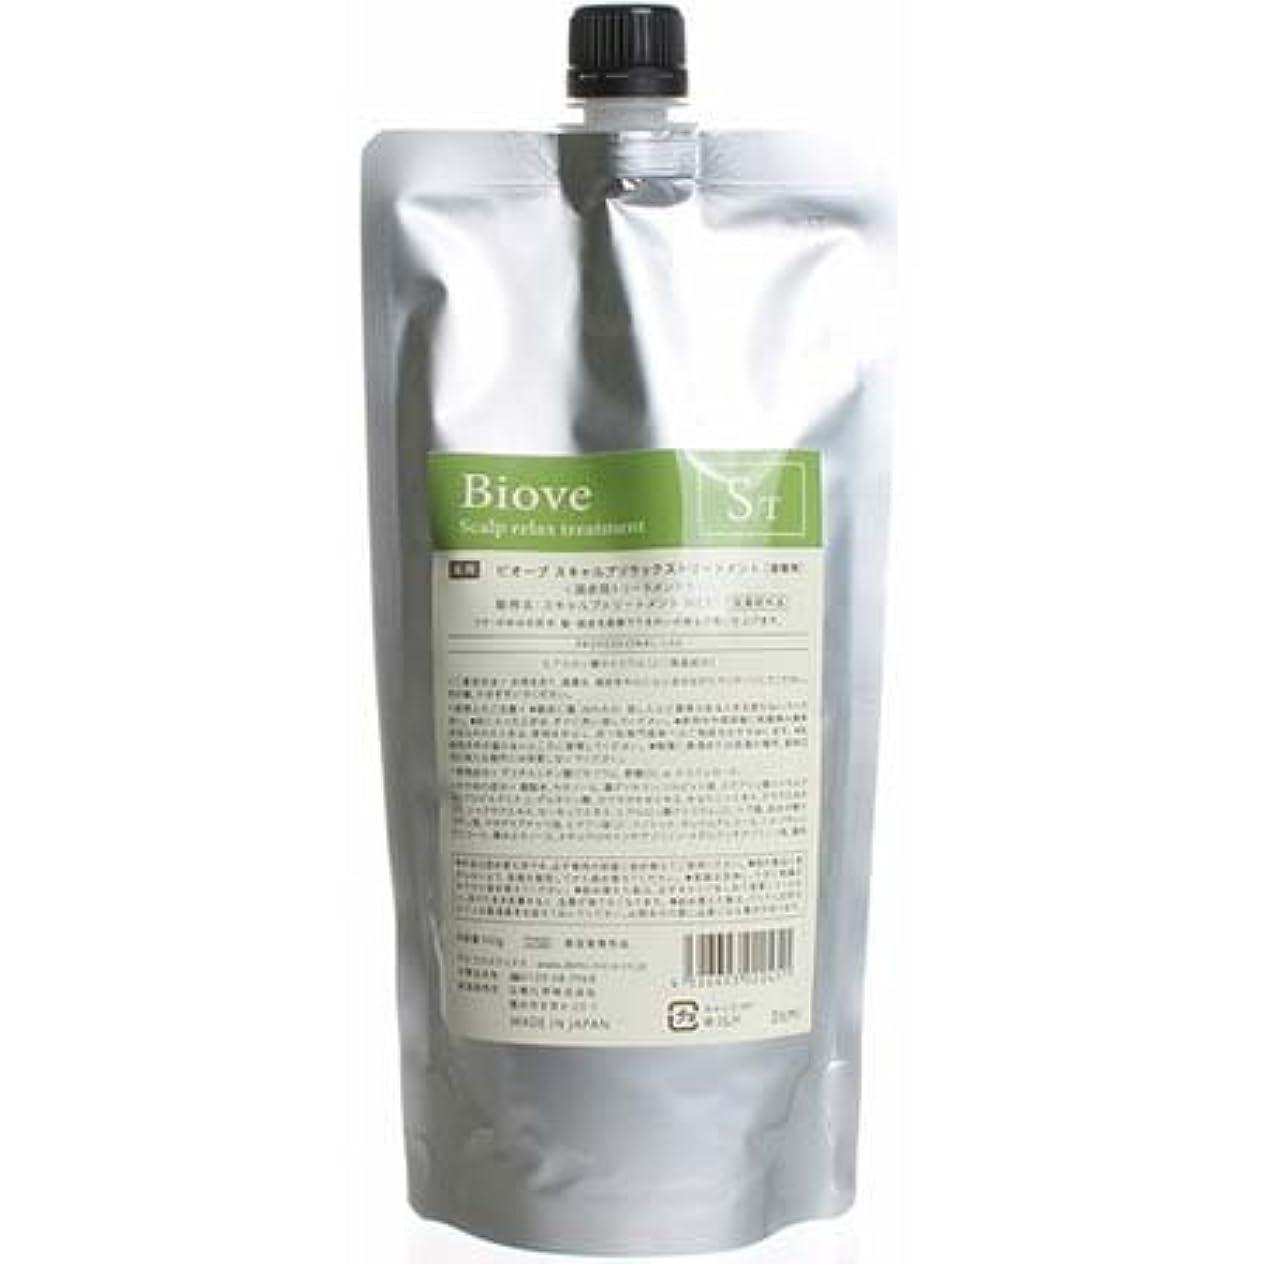 強化するどのくらいの頻度でオーストラリア人デミ〈ビオーブ〉スキャルプリラックス トリートメント[医薬部外品] 詰替用450g